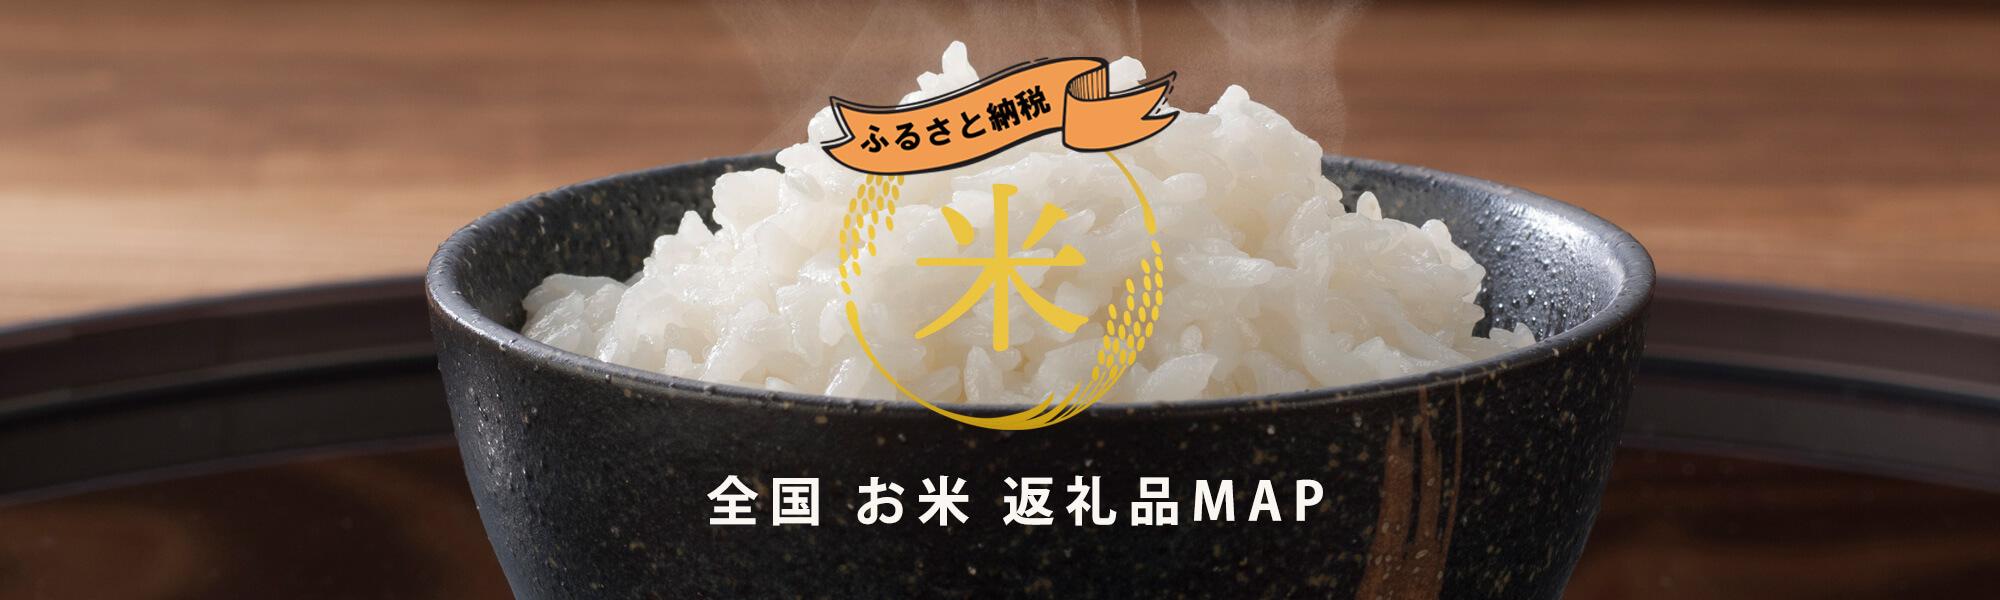 お米・ブランド米<全国MAP>